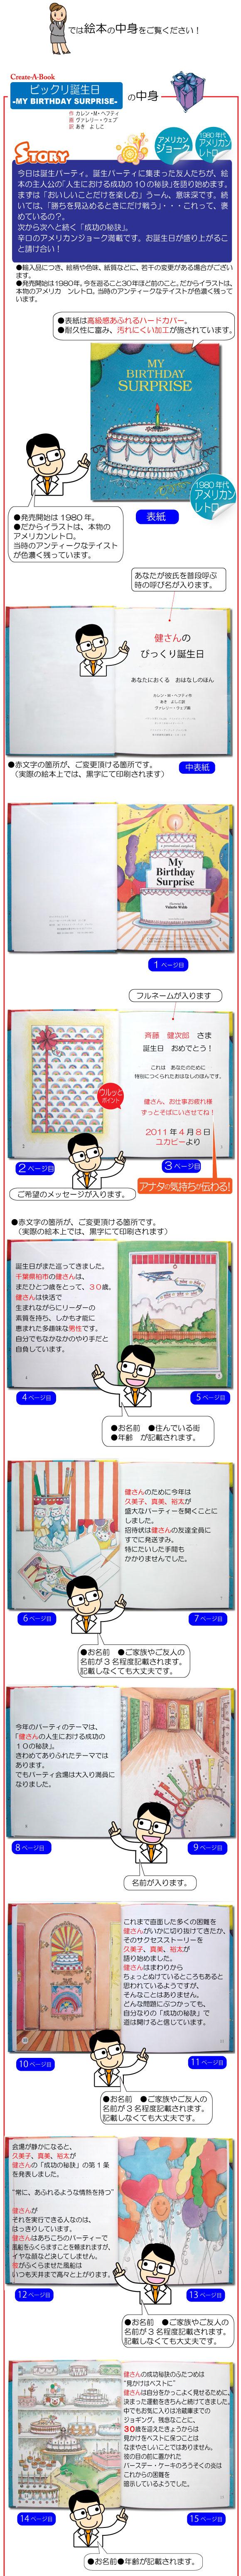 絵本のサンプルページ